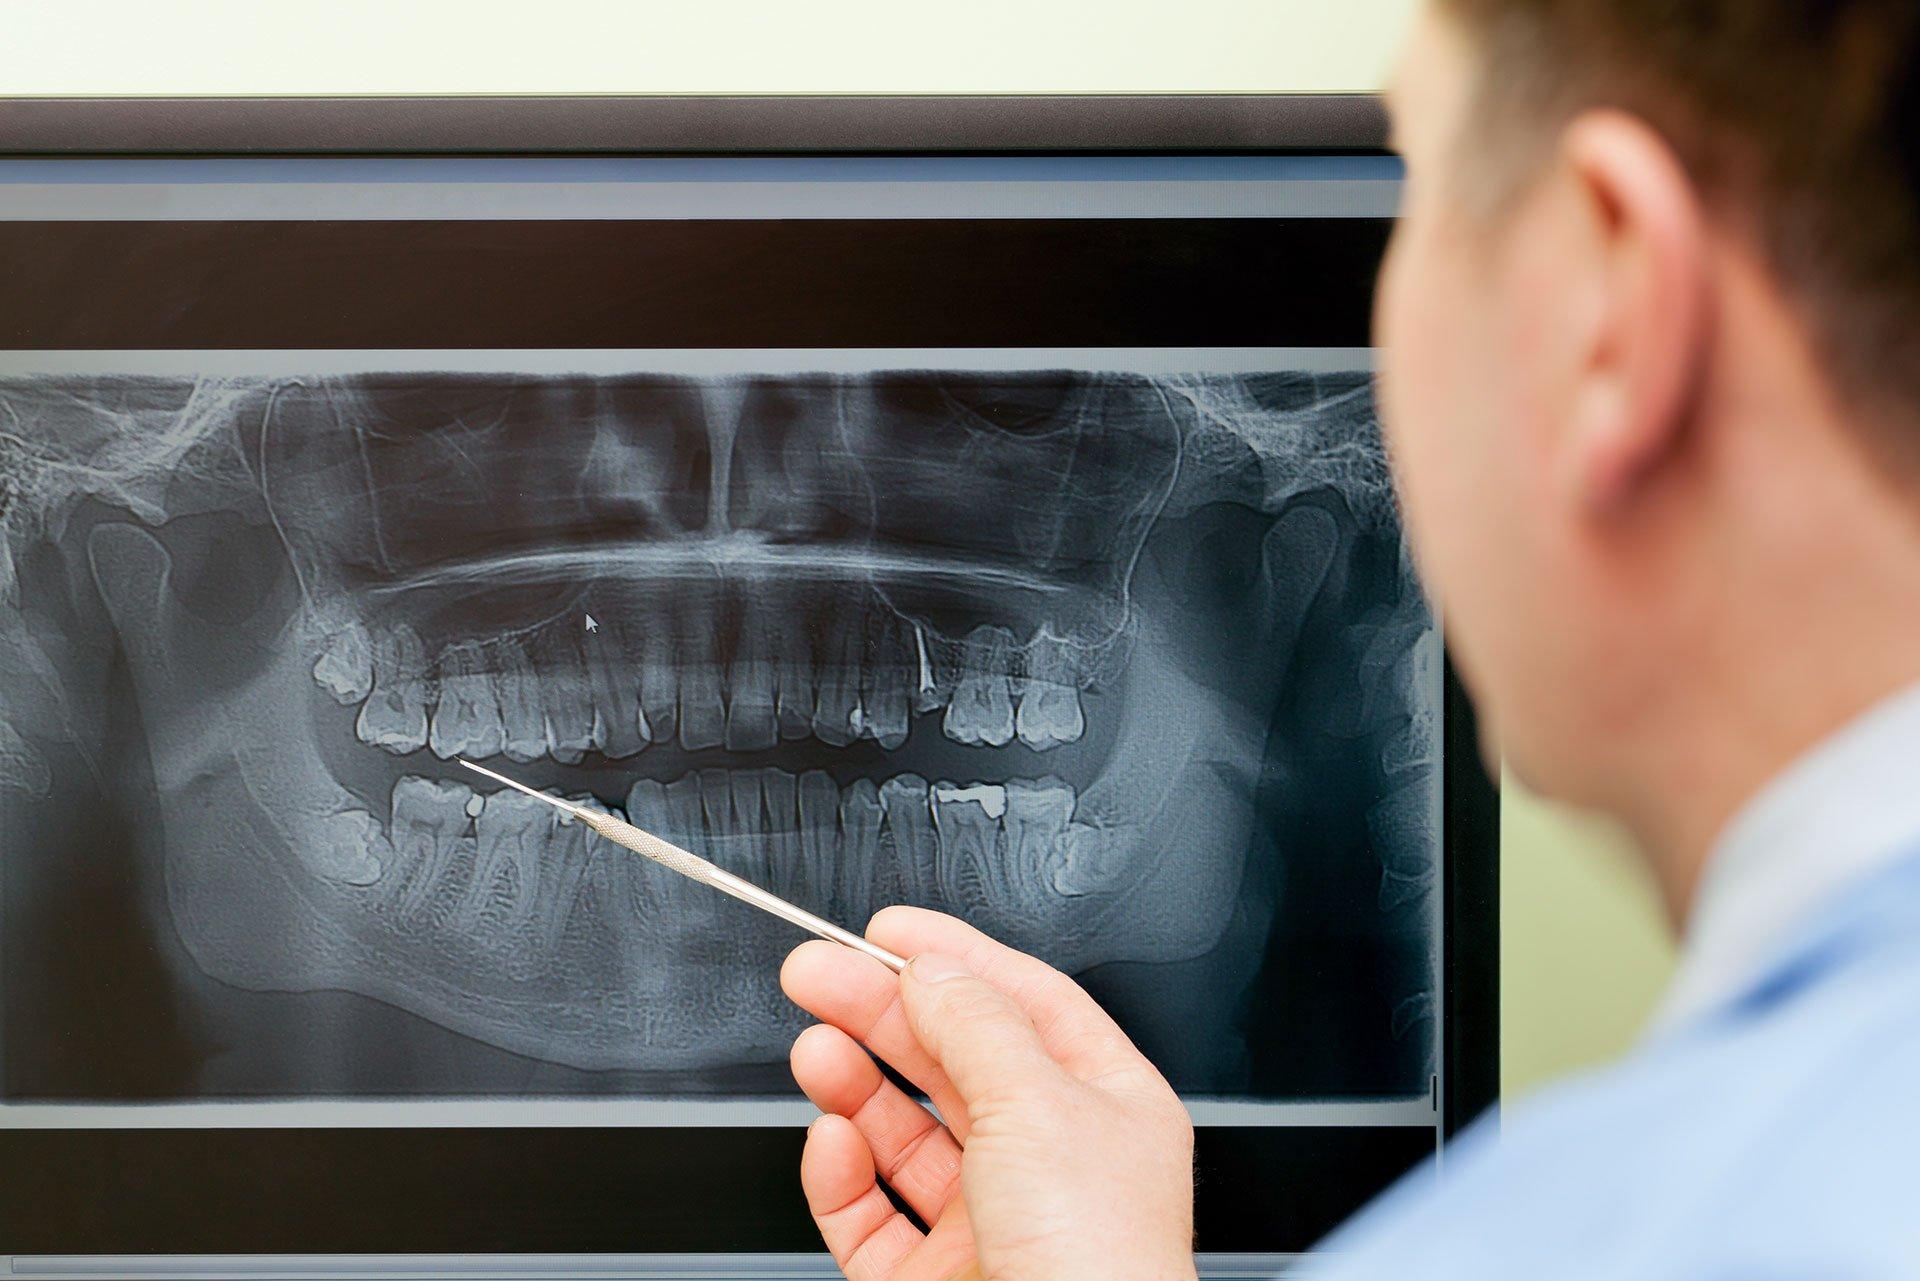 Dentist looking teeth on digital X-Ray computer monitor